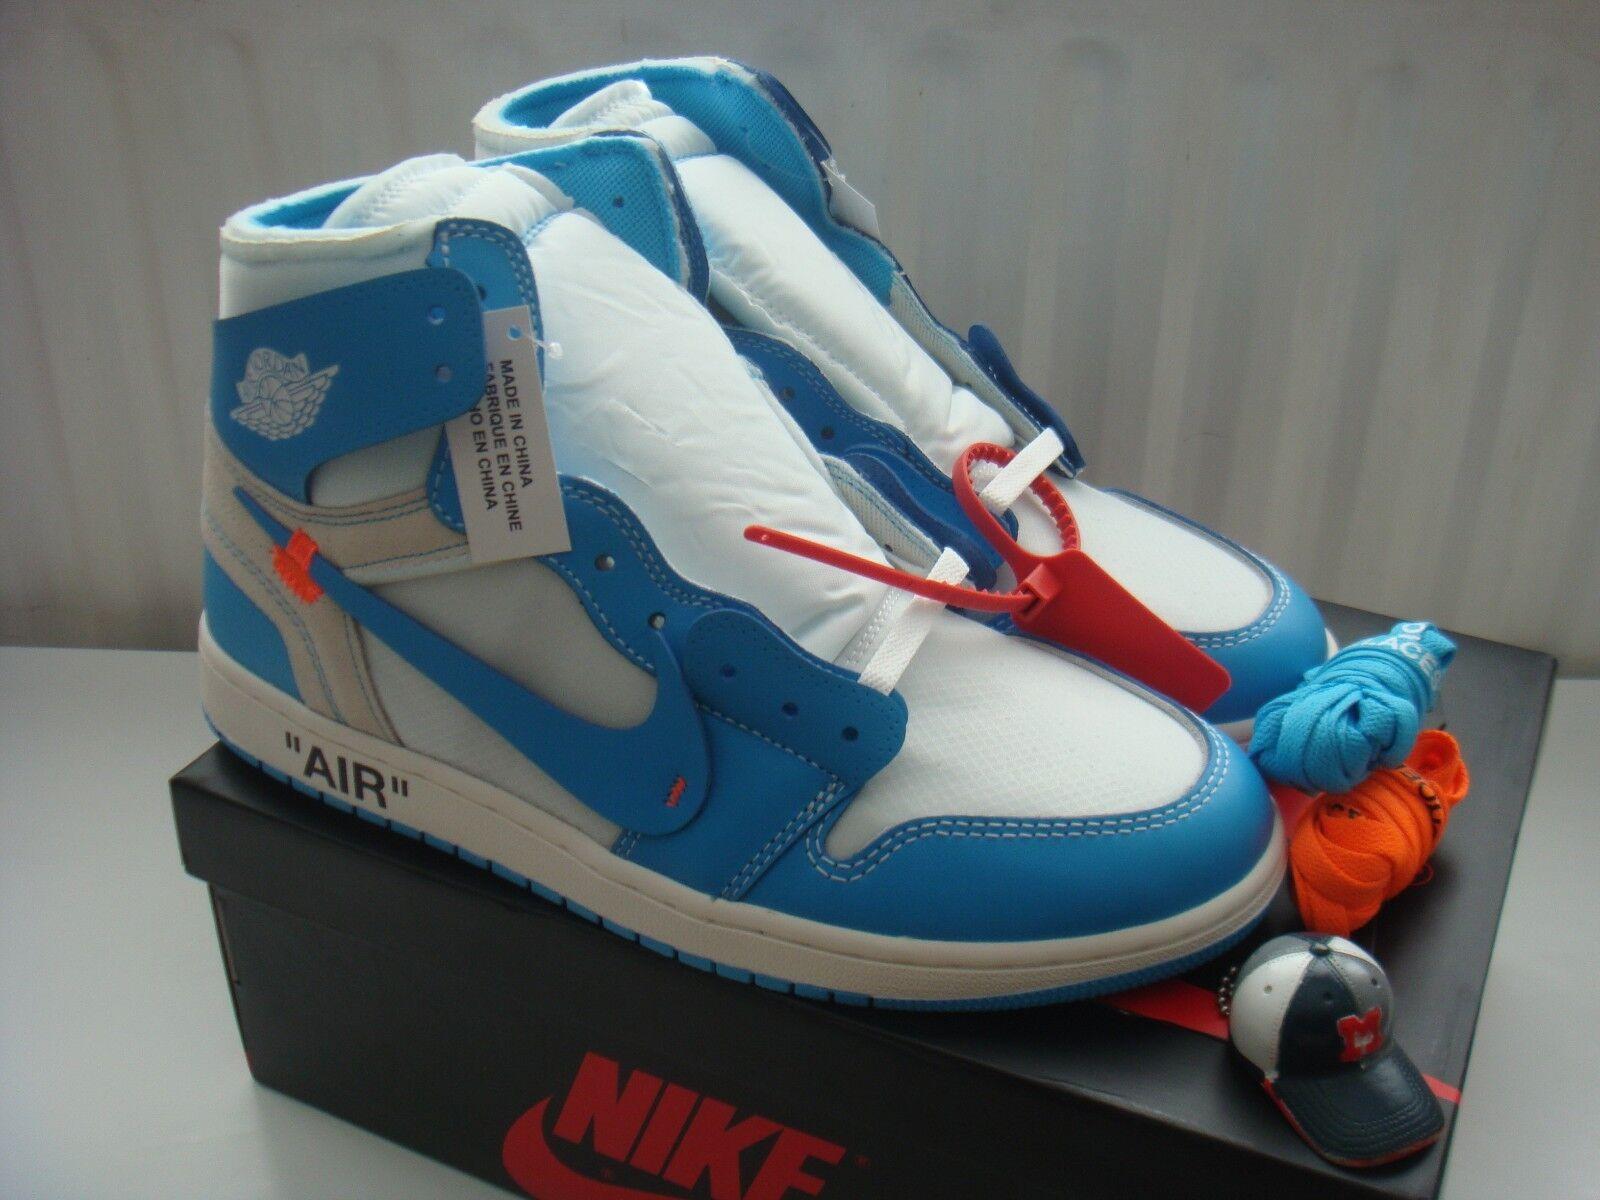 Nike X de color blanco Jordan 1 I UNC nos I 1 Air 12/Polvo Azul/Carolina/abloh d7136b